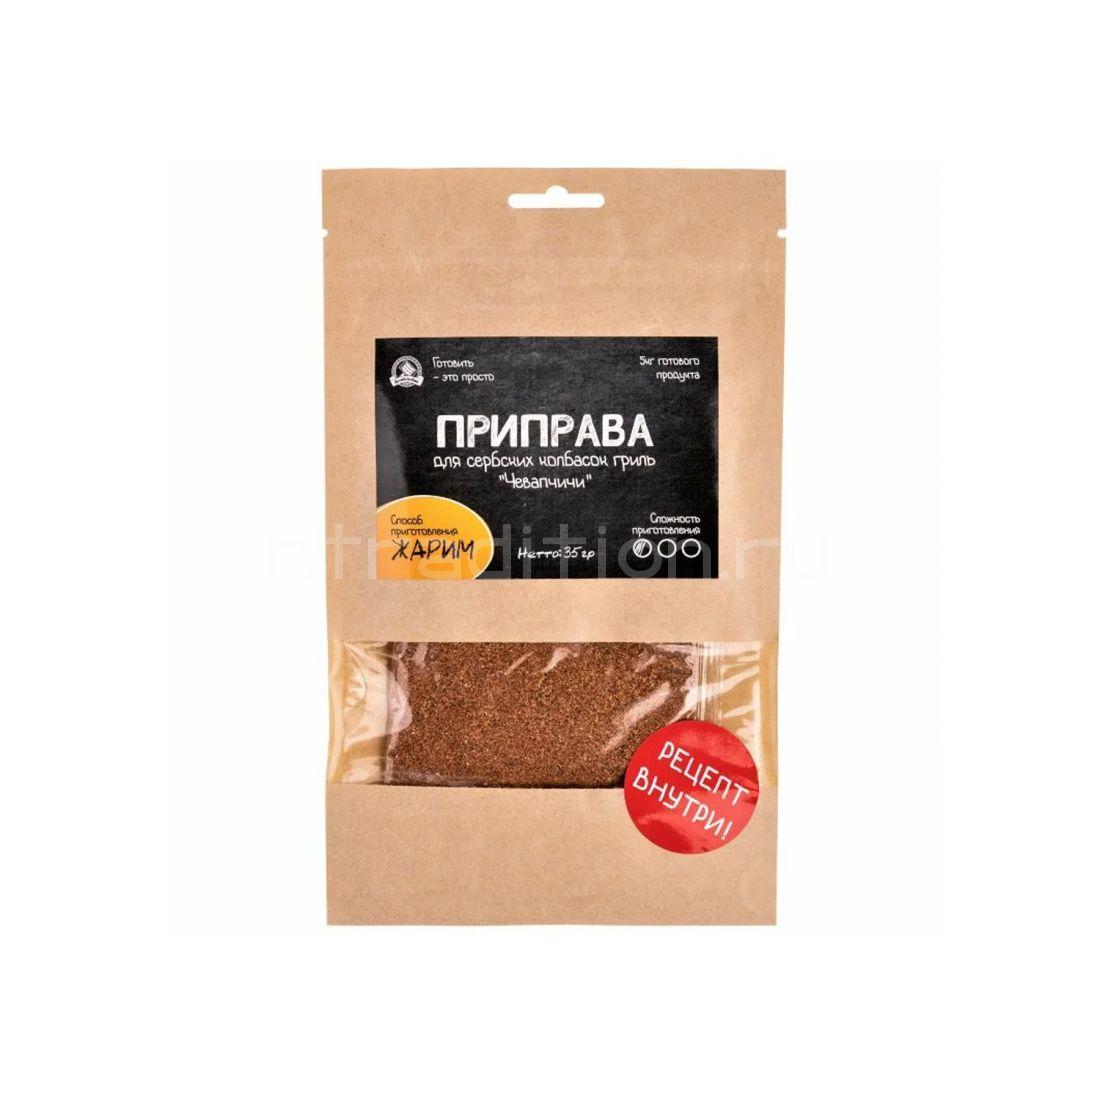 """Приправа для сербских колбасок гриль """"Чевапчичи"""", 35 гр"""